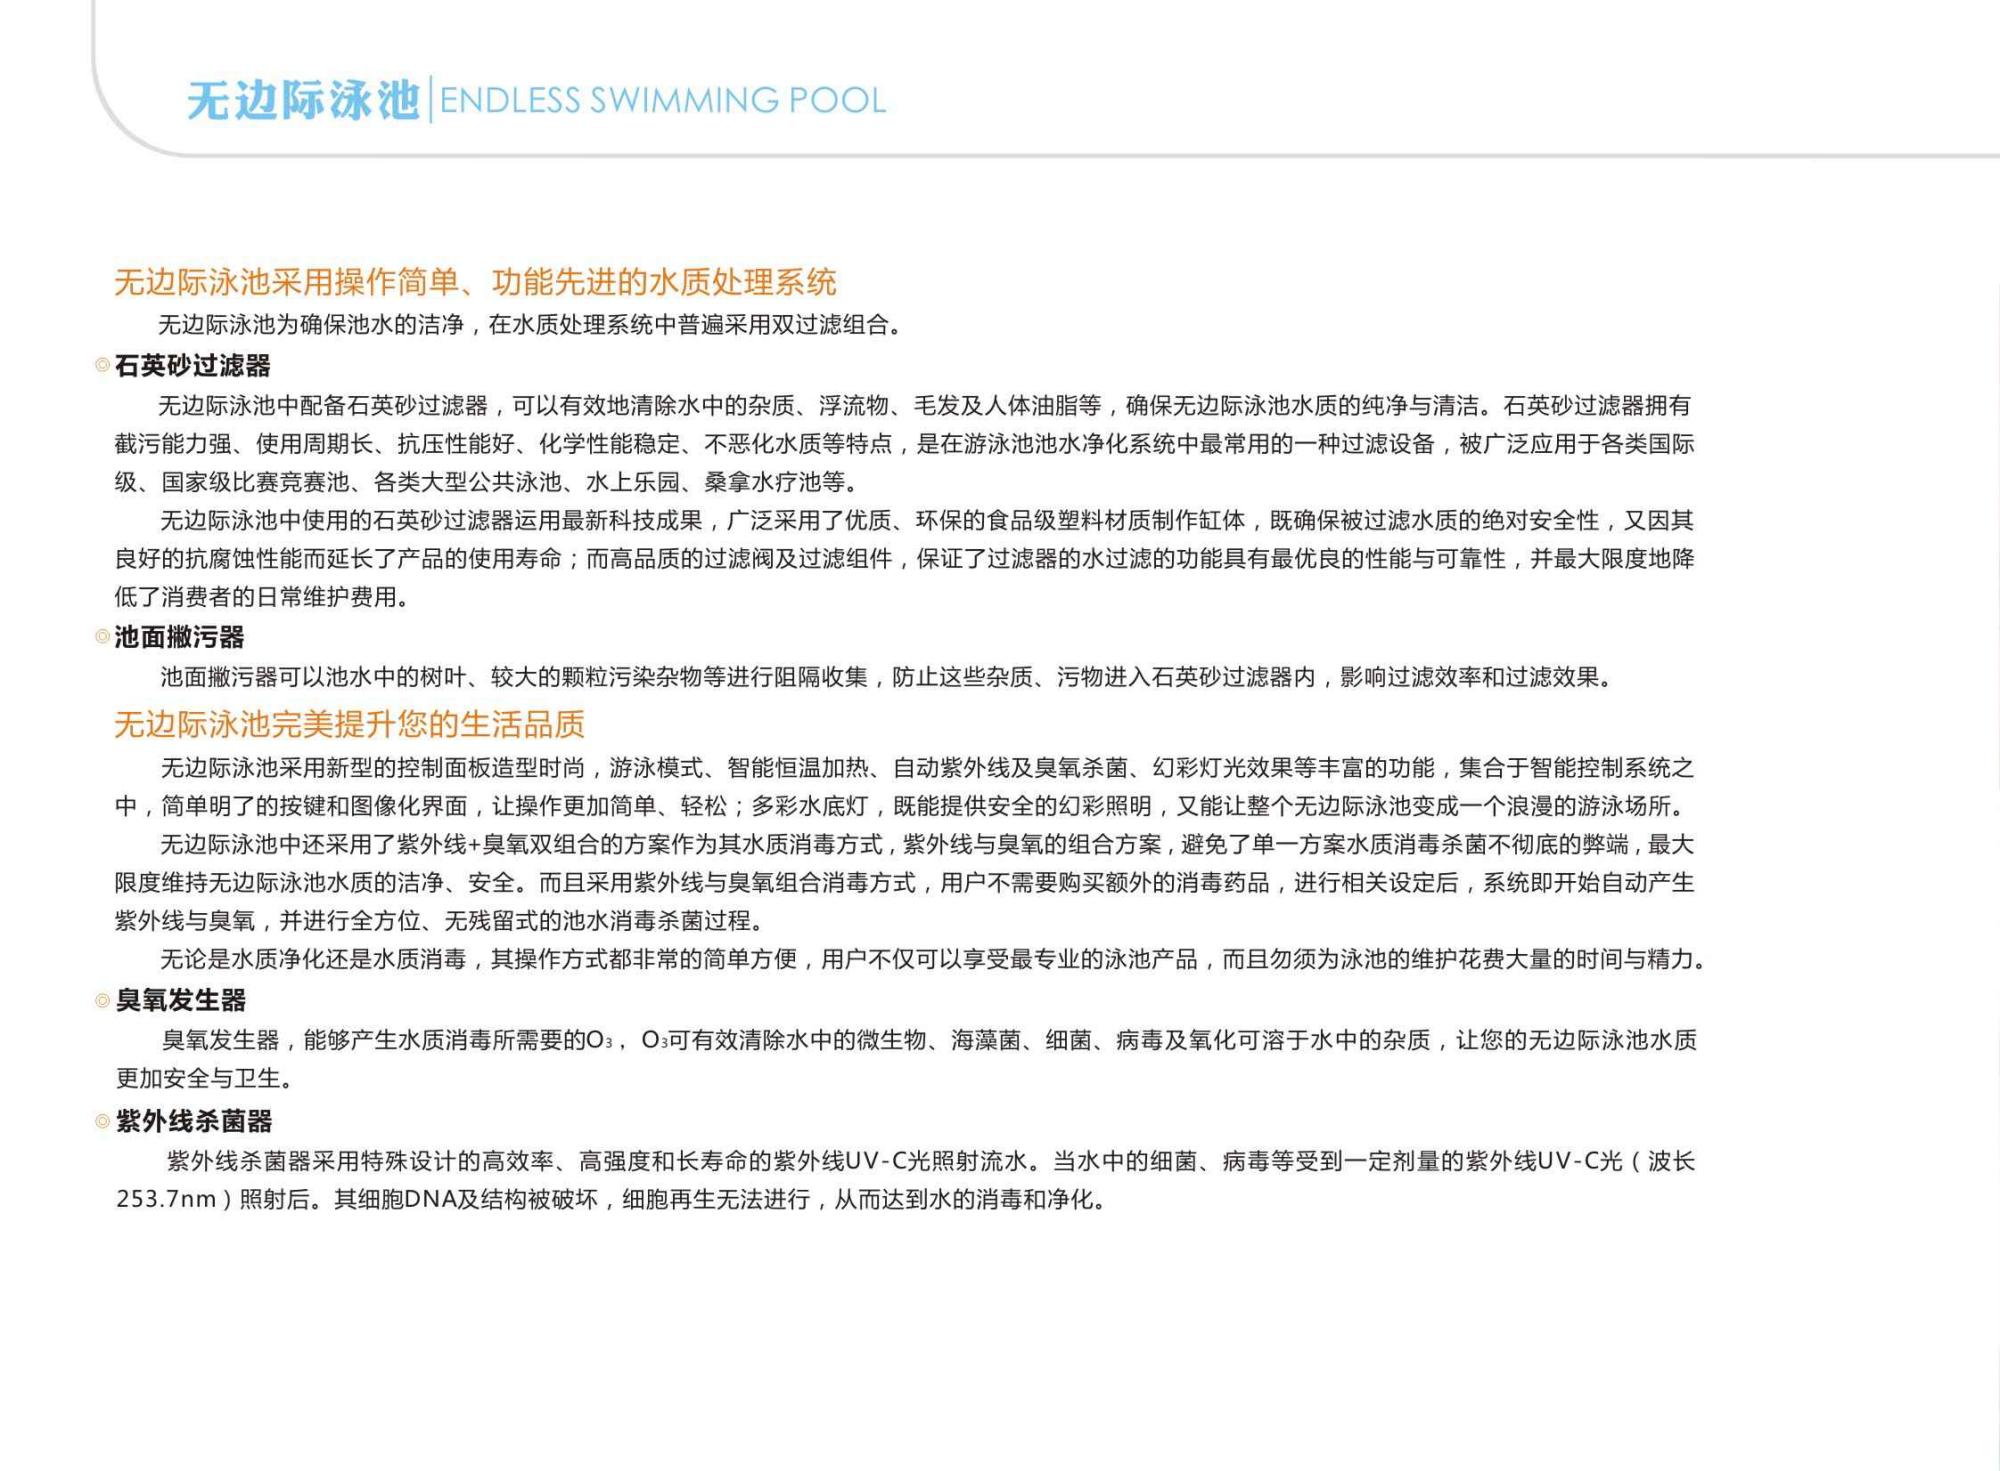 威浪仕無邊際泳池中文畫冊-201408版_13